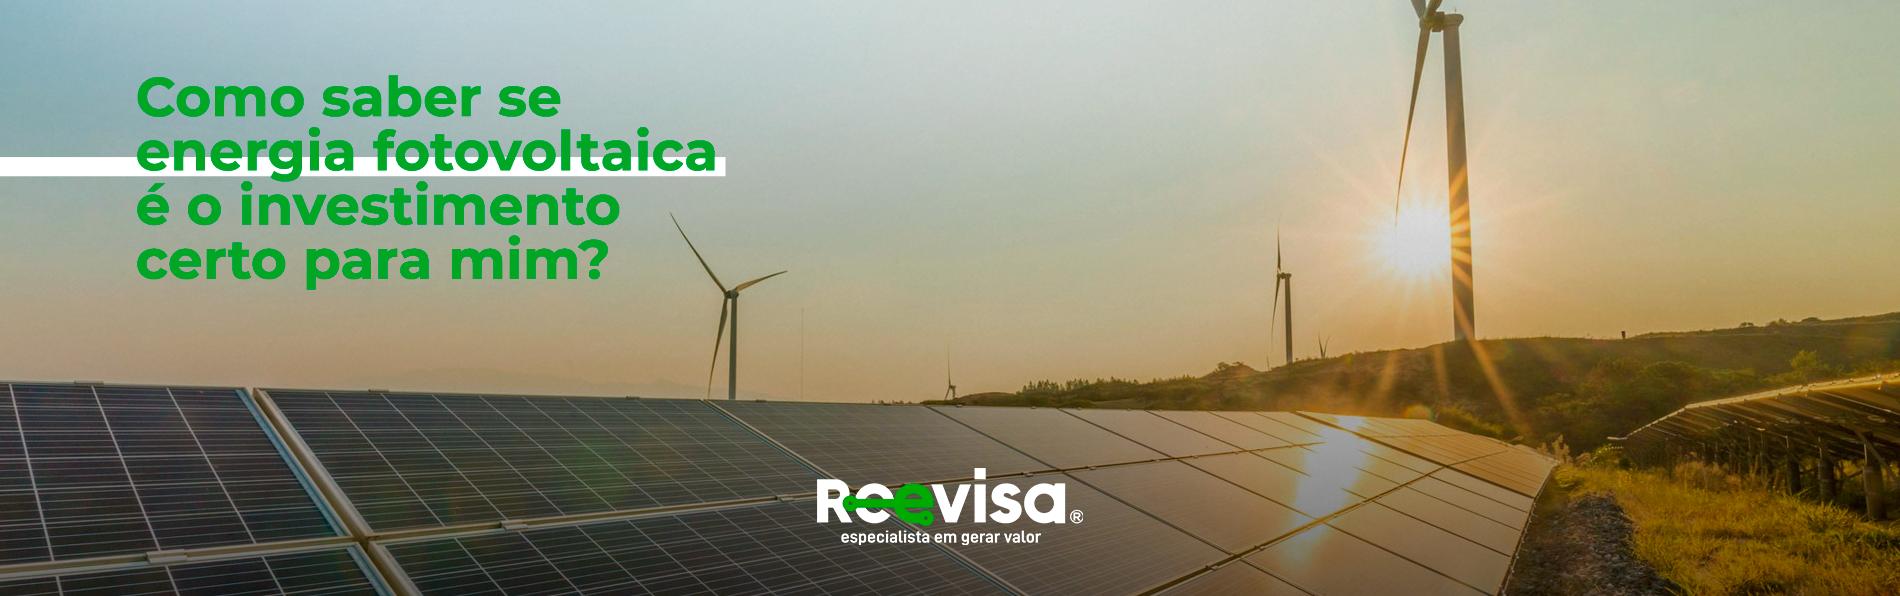 Energia fotovoltaica é o investimento certo para mim?